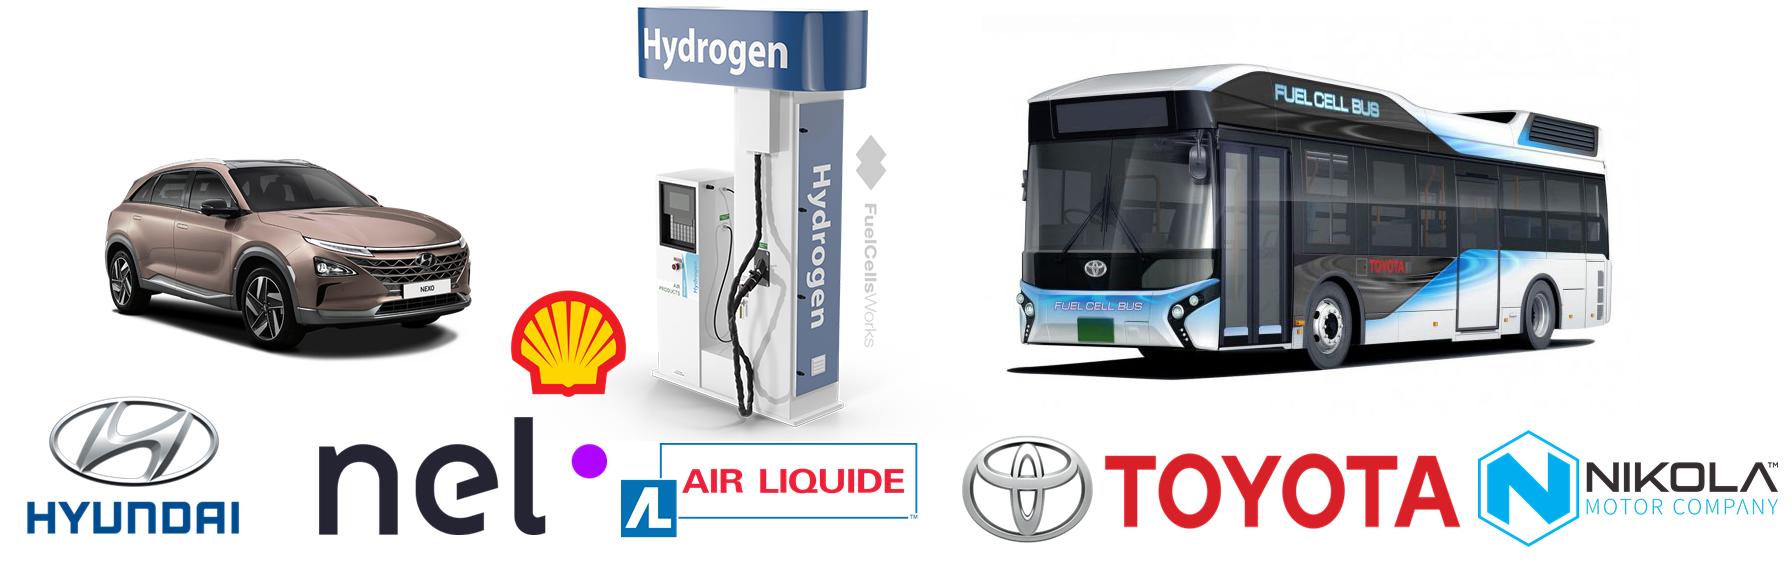 Hyundai Consortium2